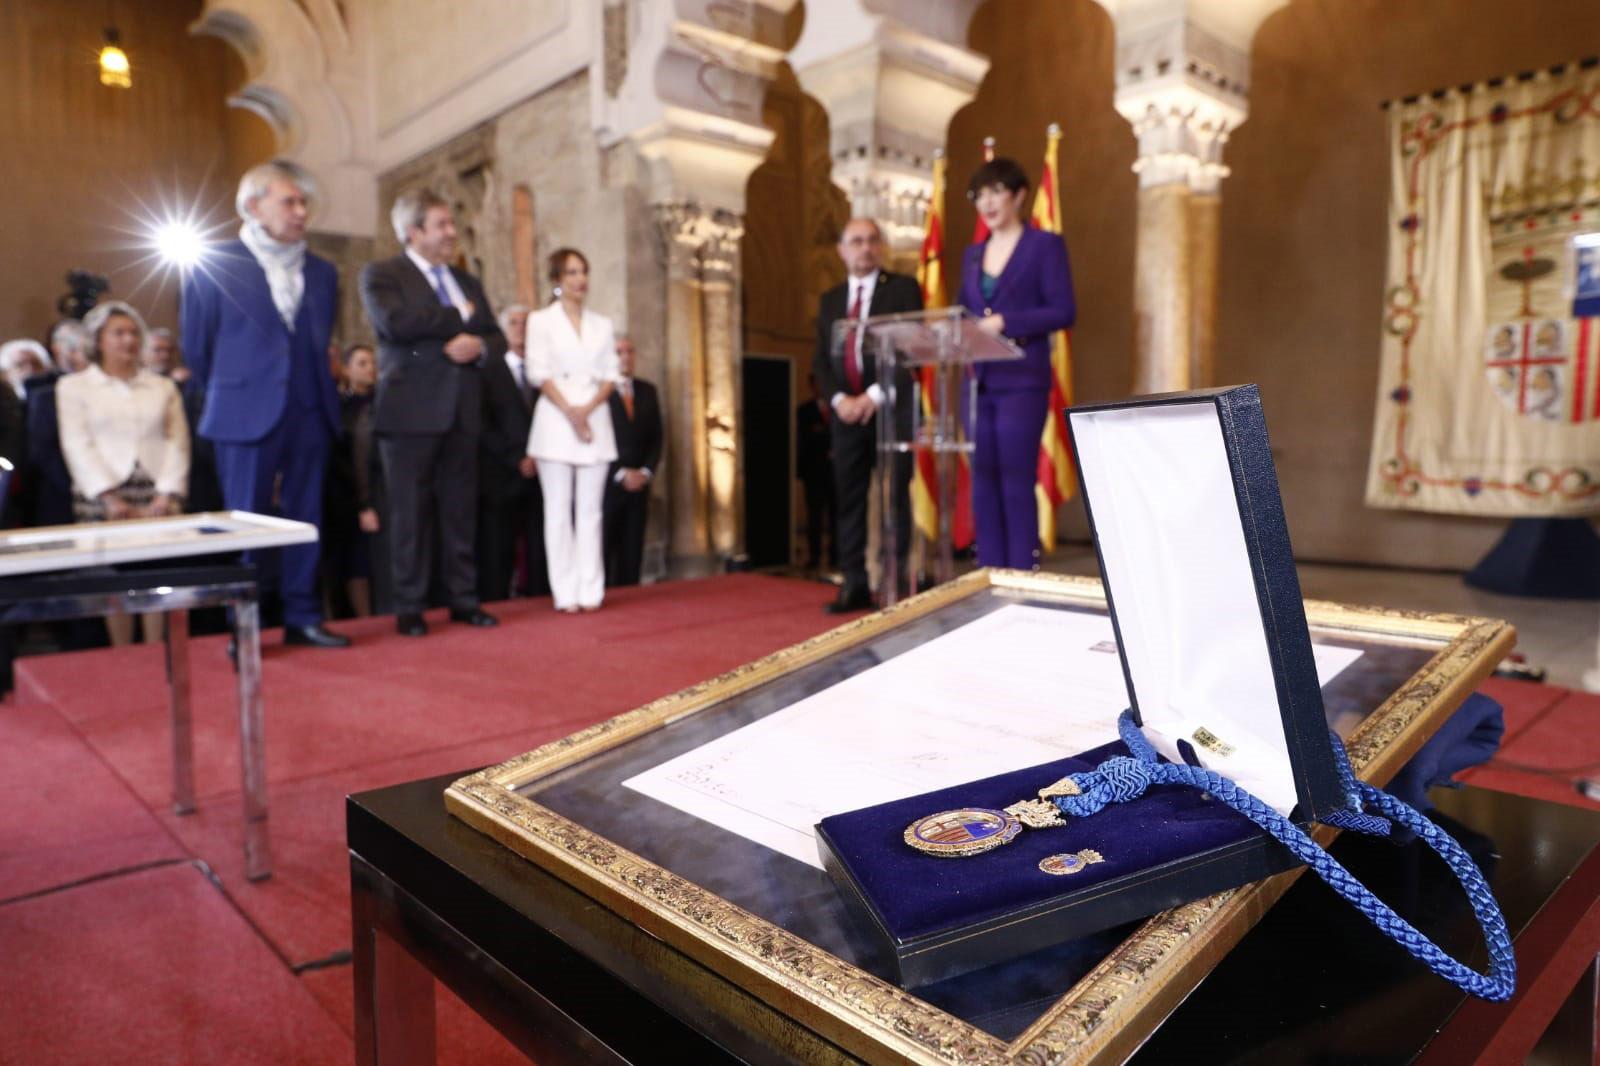 El discurso ha tenido lugar este martes durante la entrega de a Medalla de las Cortes de Aragón